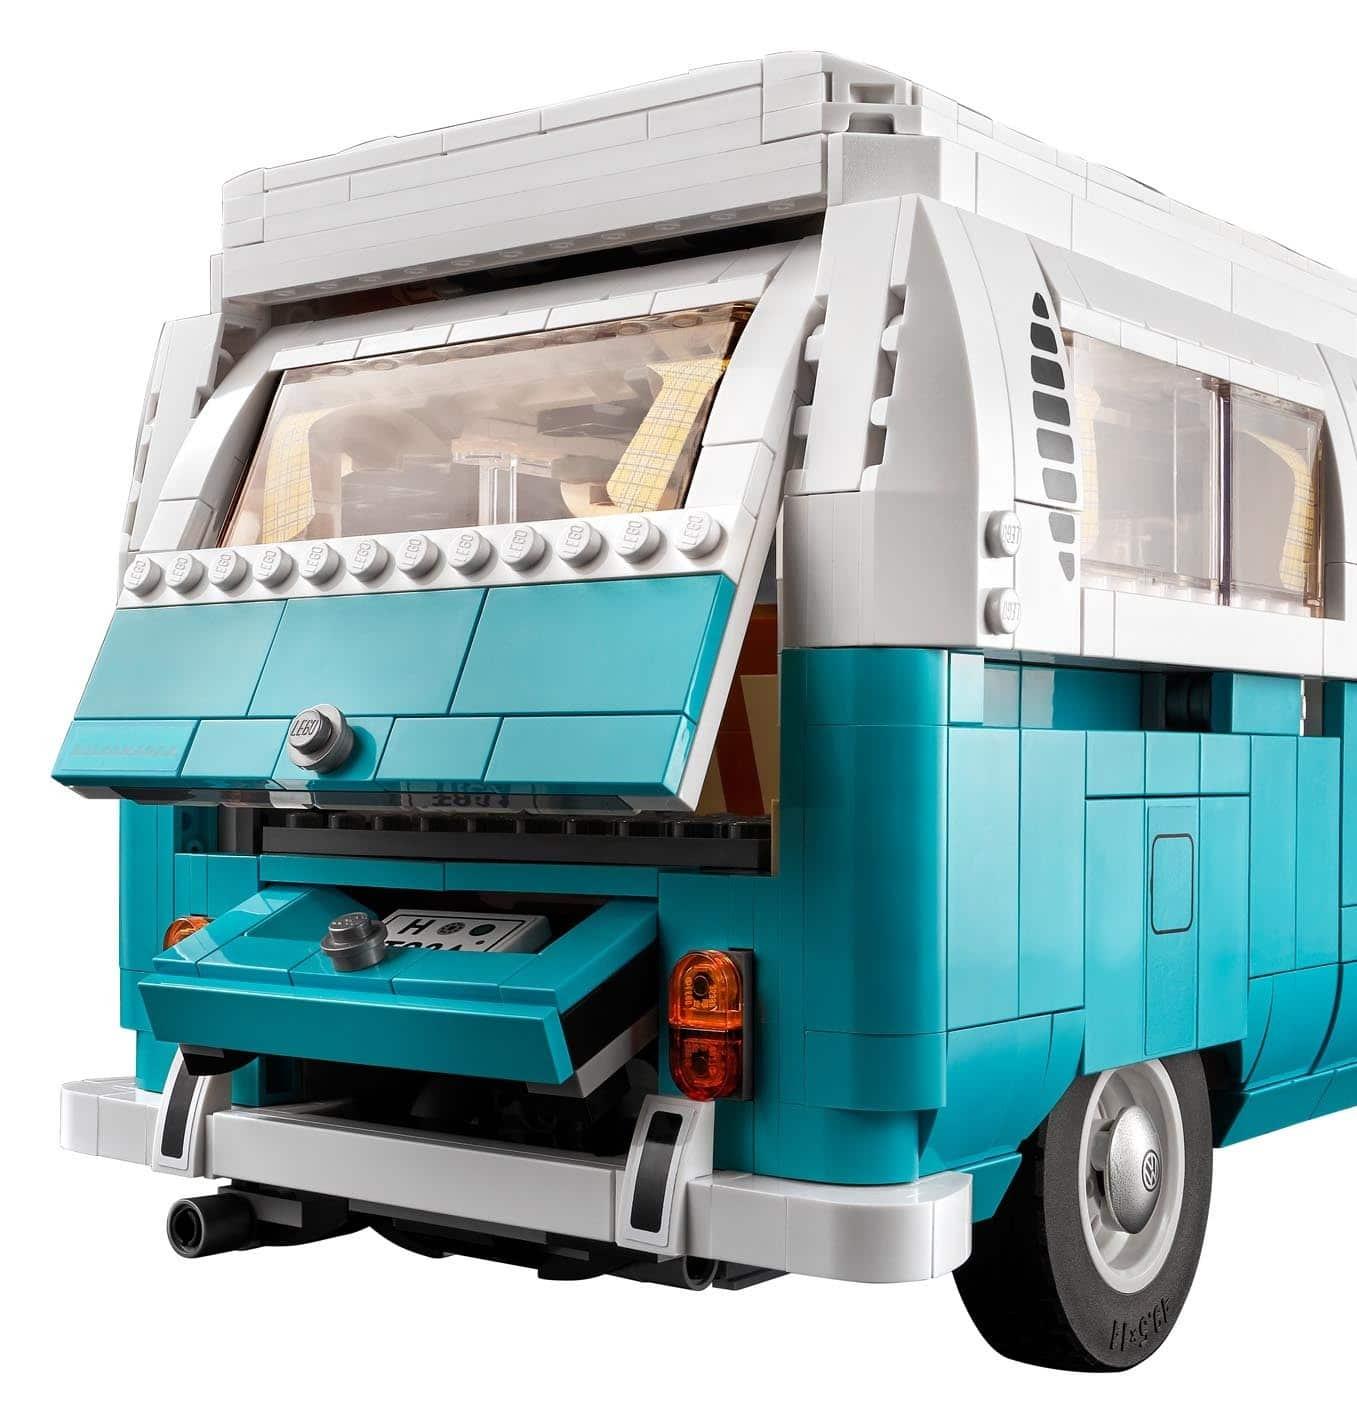 LEGO 10279 Vw T2 Rueckseite